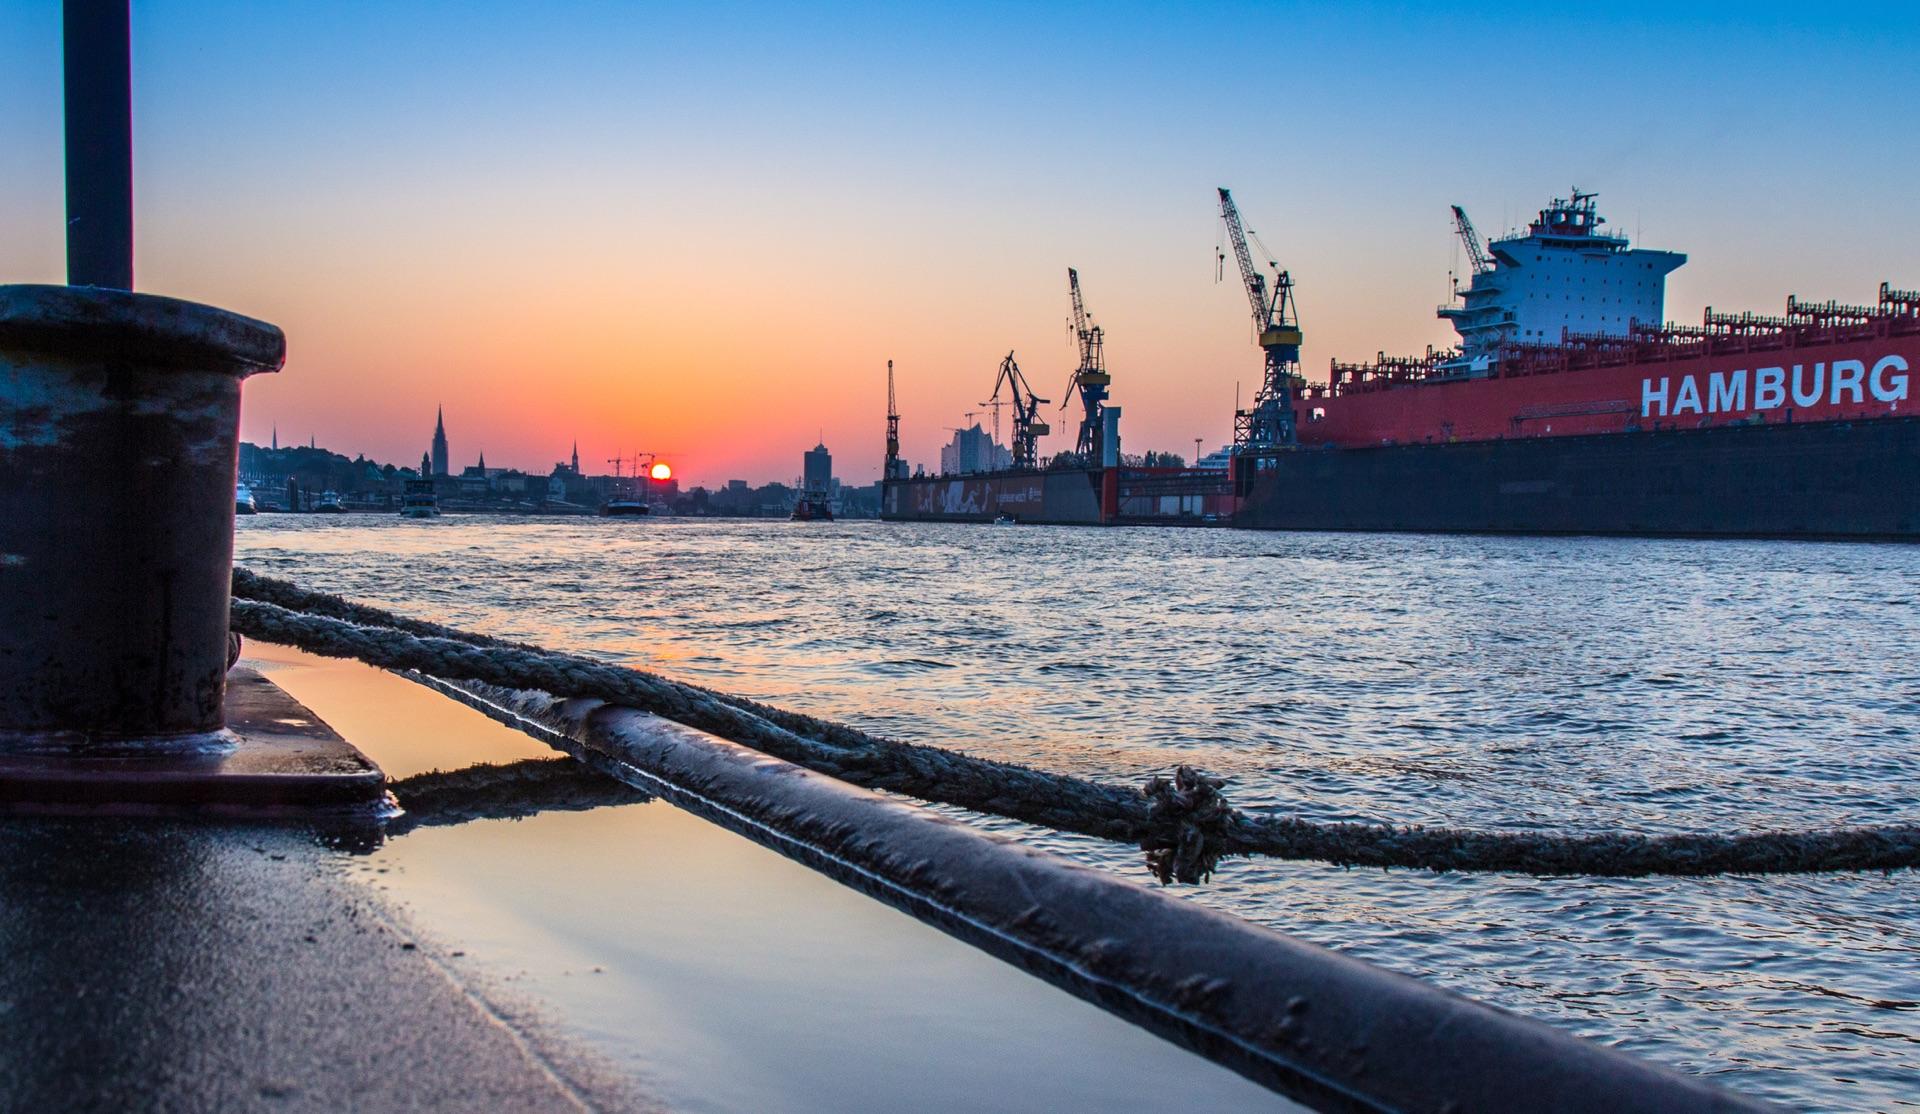 Schp52 Hafen Atmosphäre